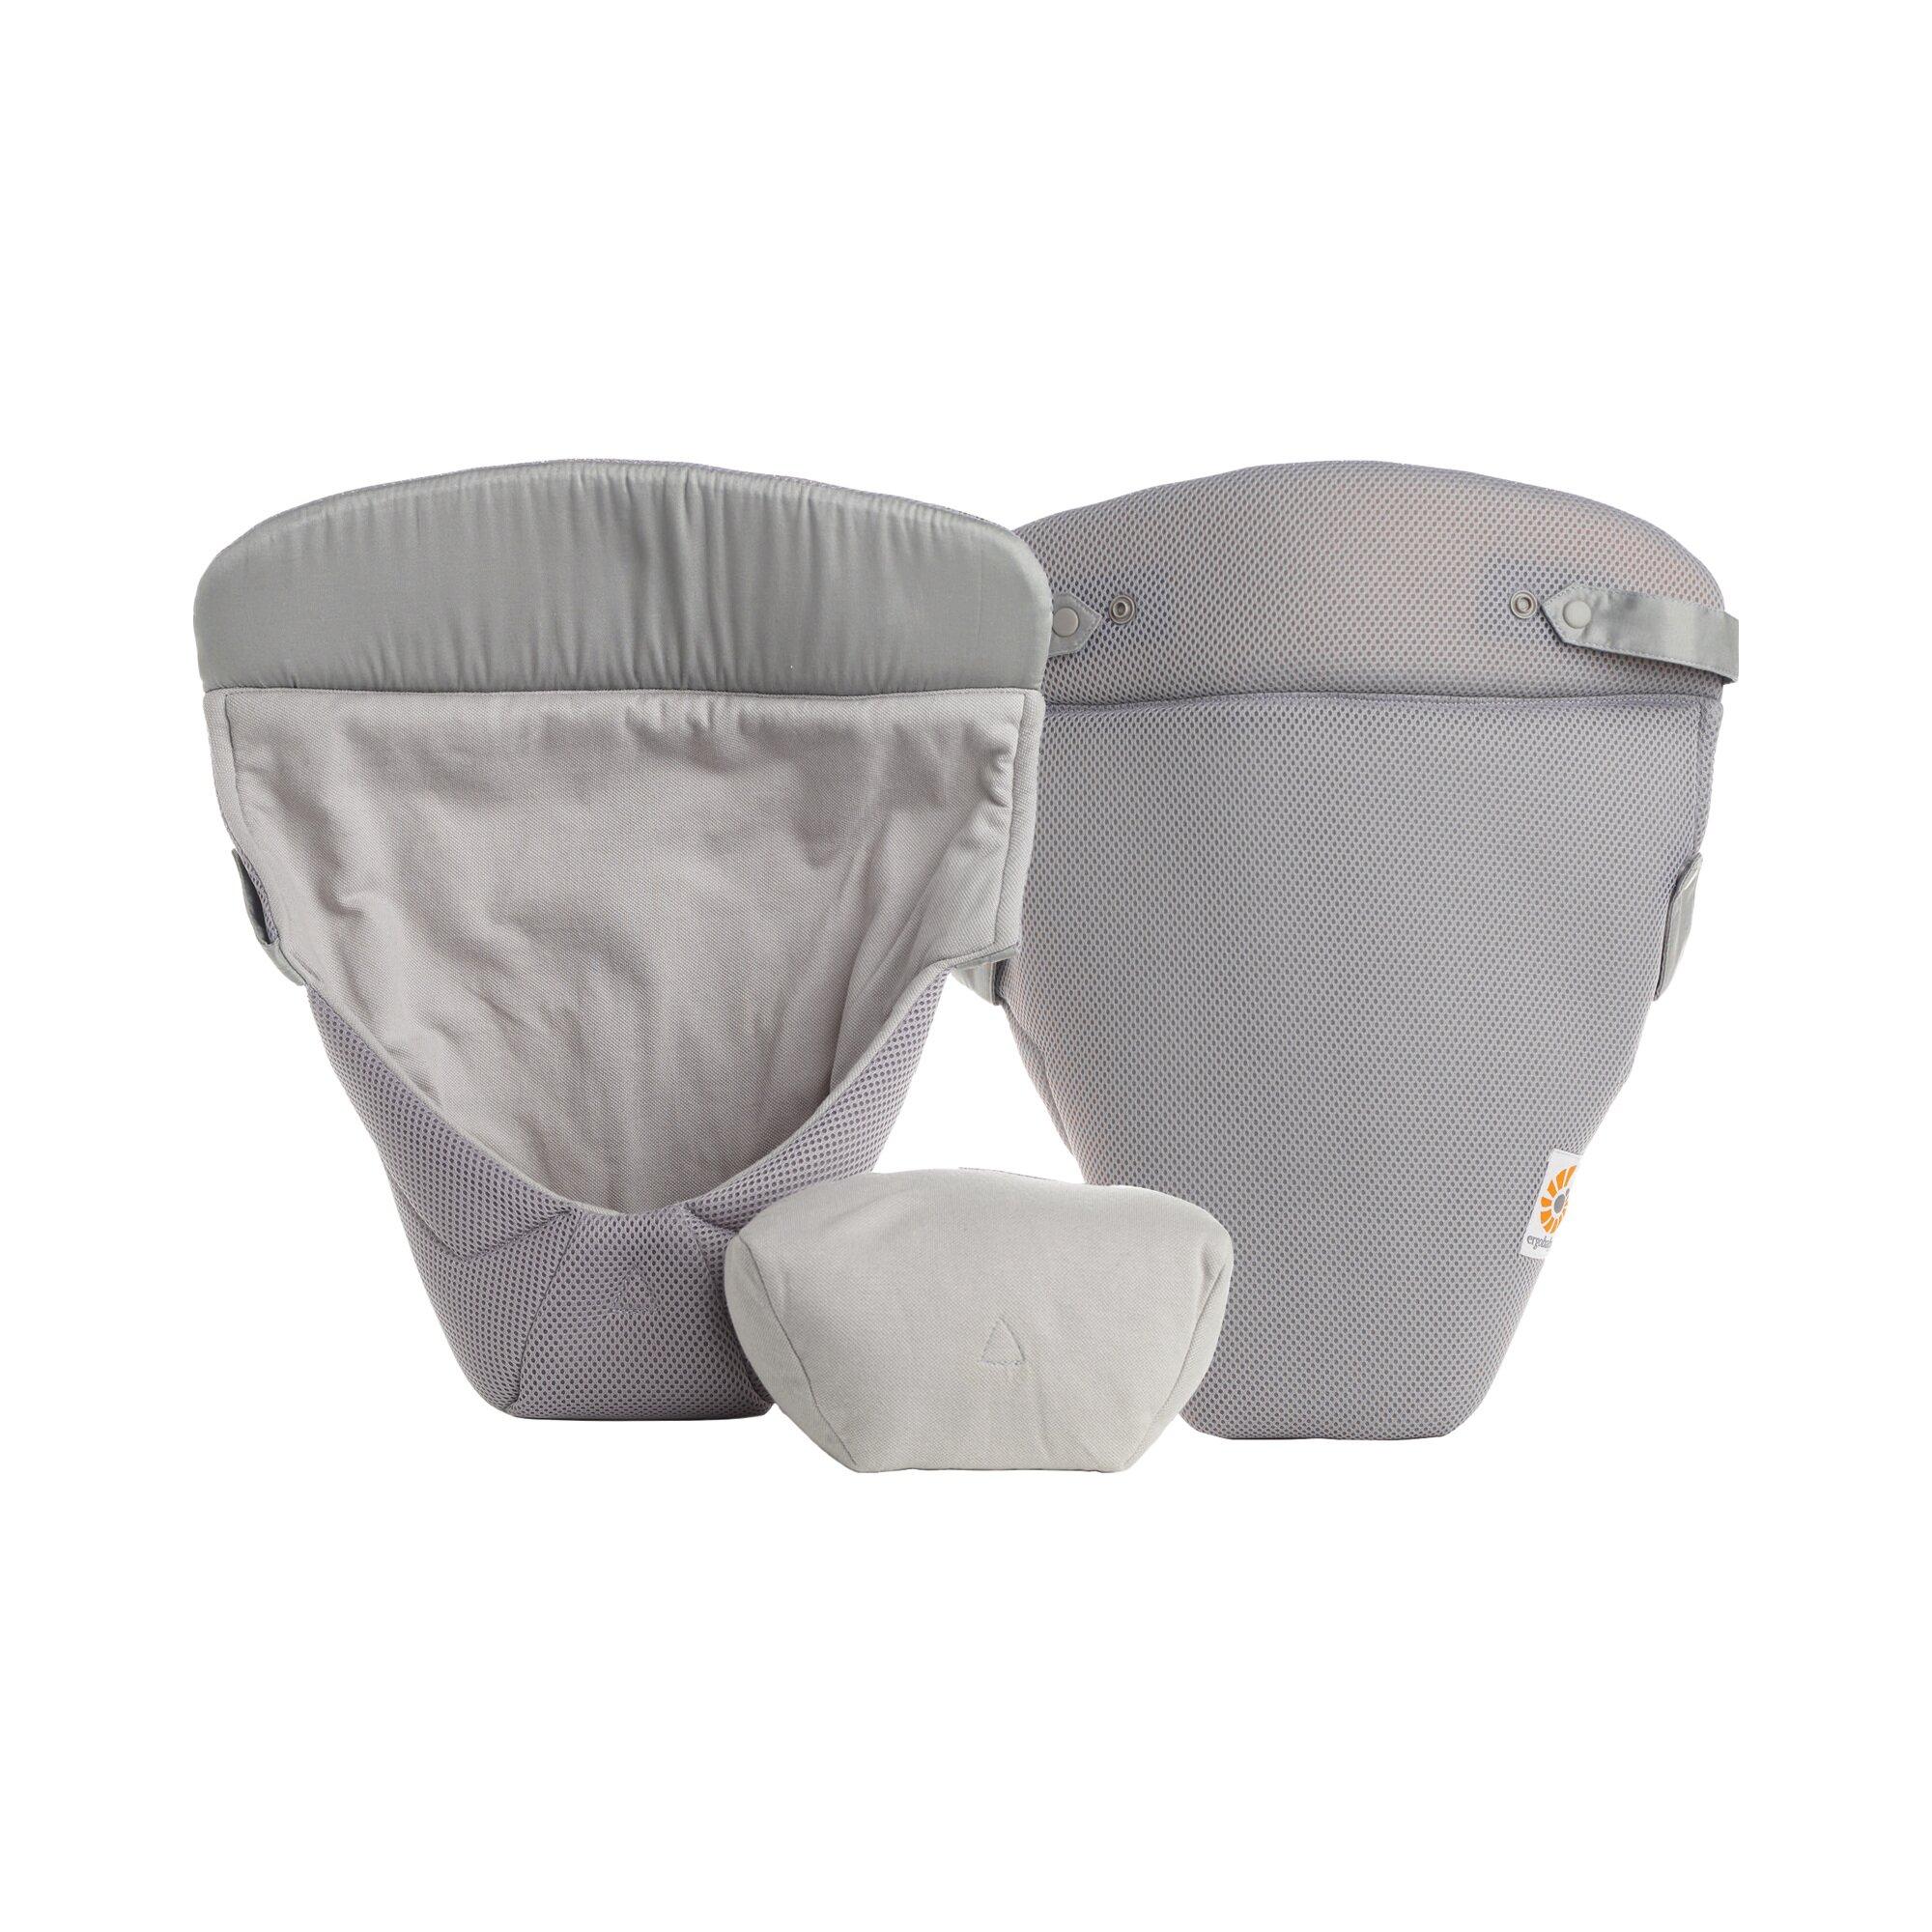 Ergobaby® Neugeborenen-Einsatz Easy Snug Performance für Babytrage